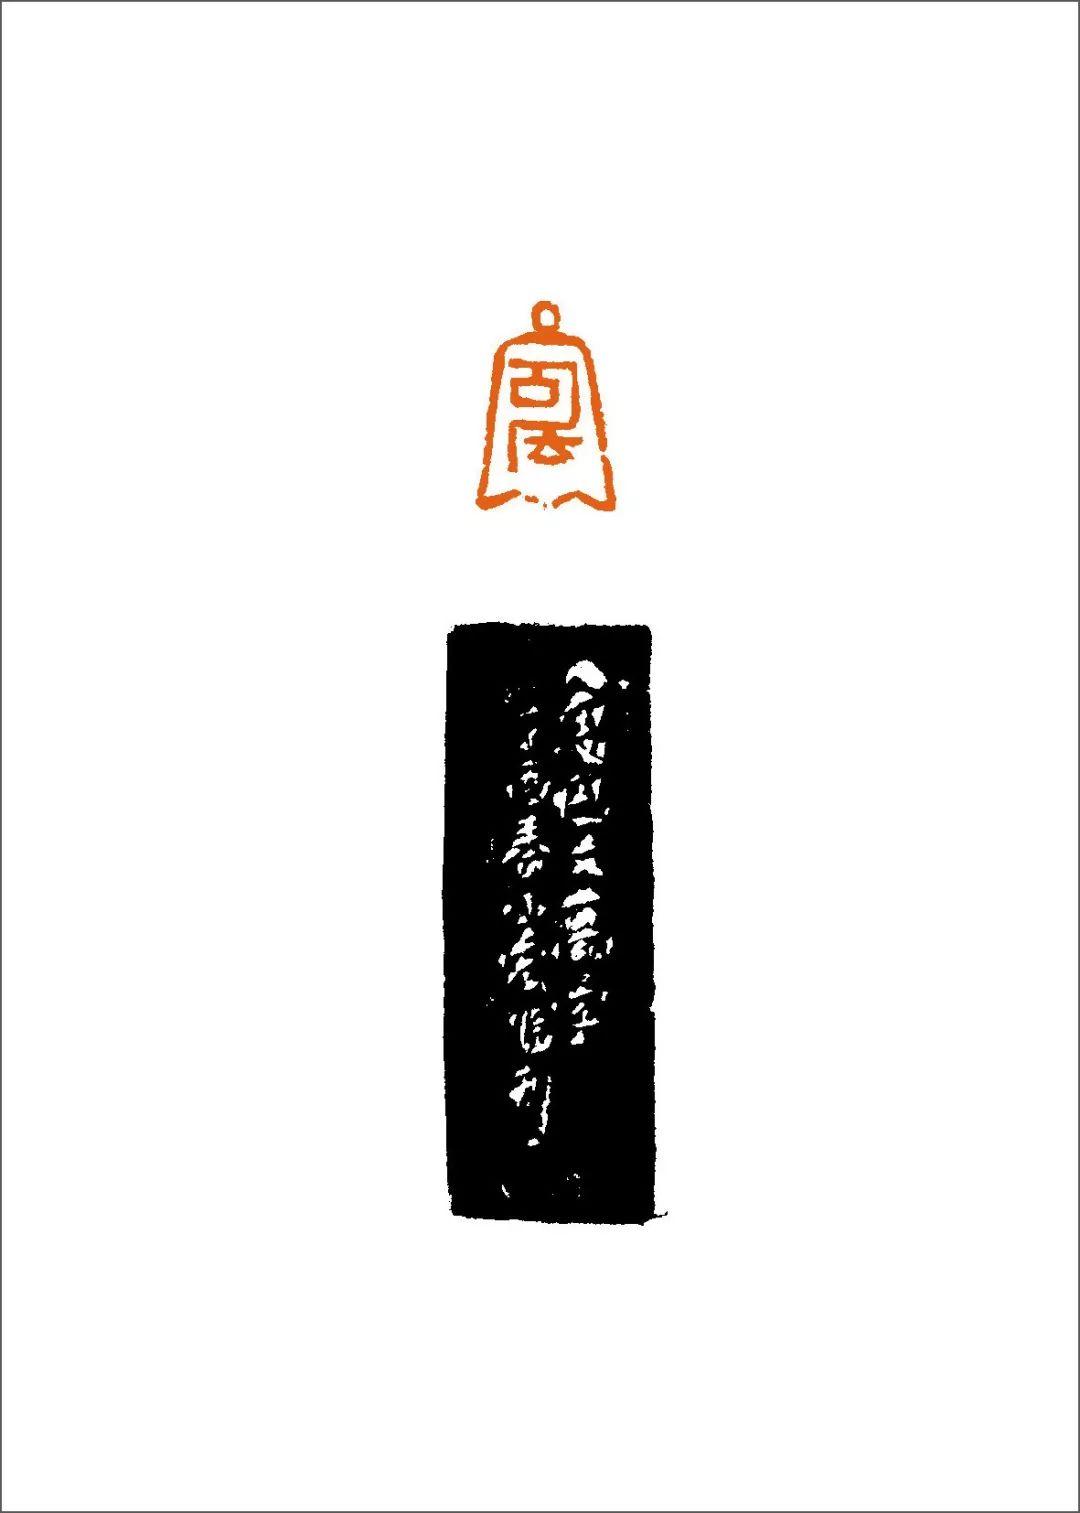 篆刻丛谈:八思巴文篆刻原石赏析 第53张